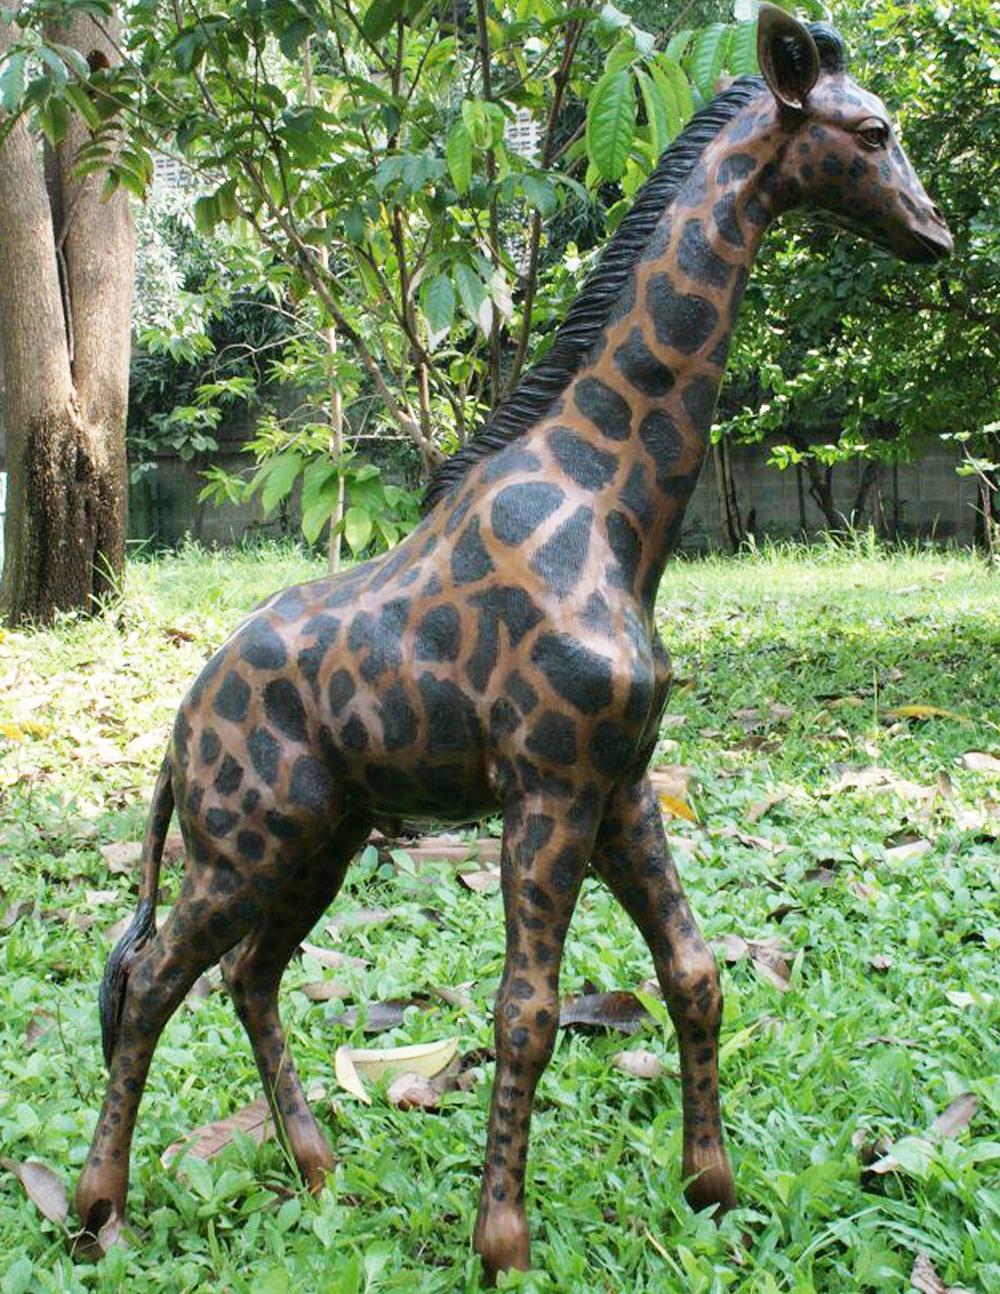 High Garden Decoration Large Life Size Giraffe Sculpture